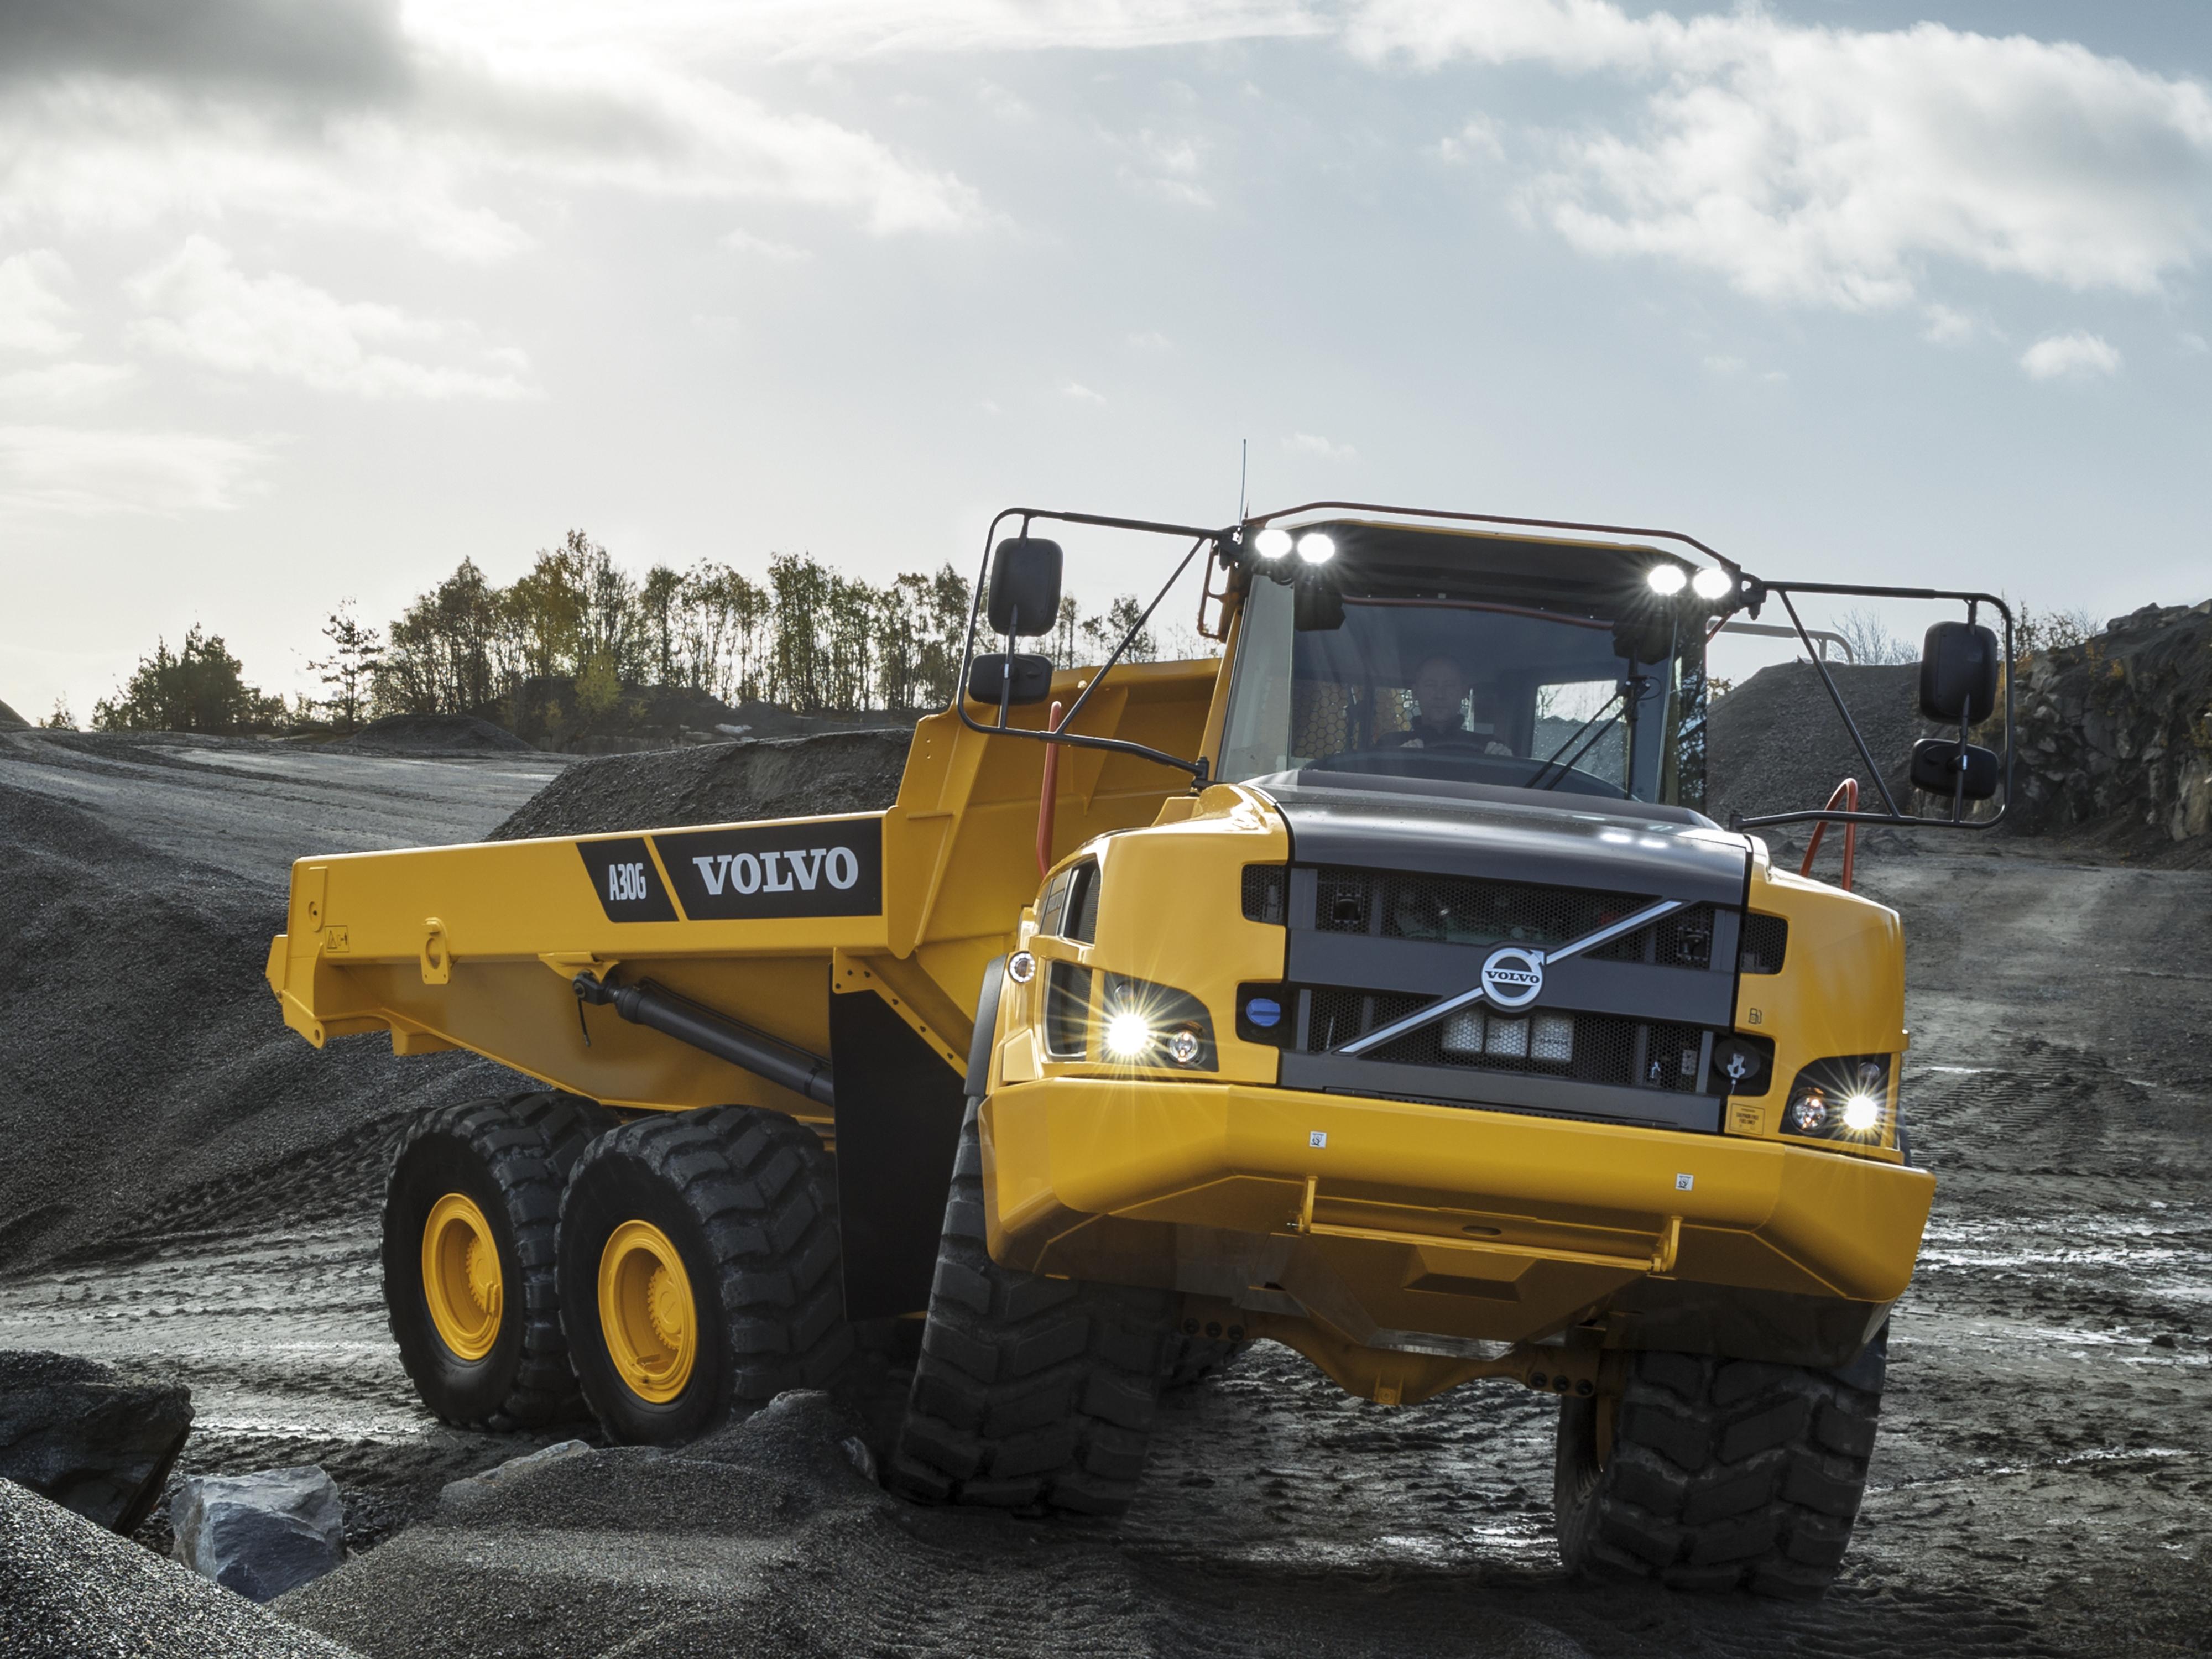 Prezentare Produs Dumper Camion Articulat Volvo Poza 5